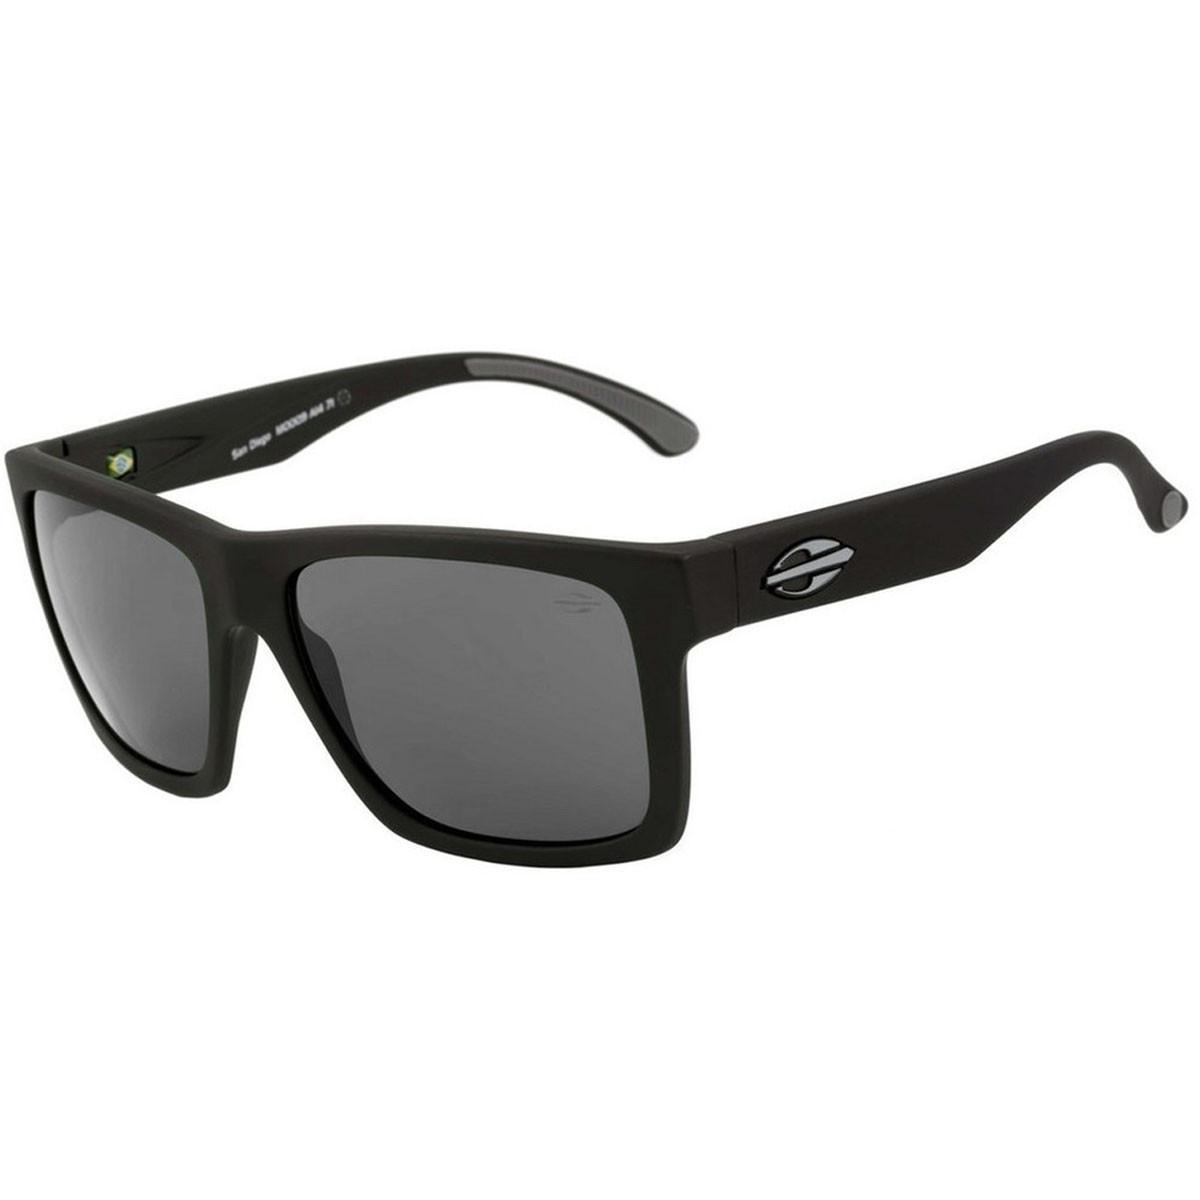 Óculos Mormaii San Diego Preto Fosco Lente Cinza ref M0009A1401 609769d418